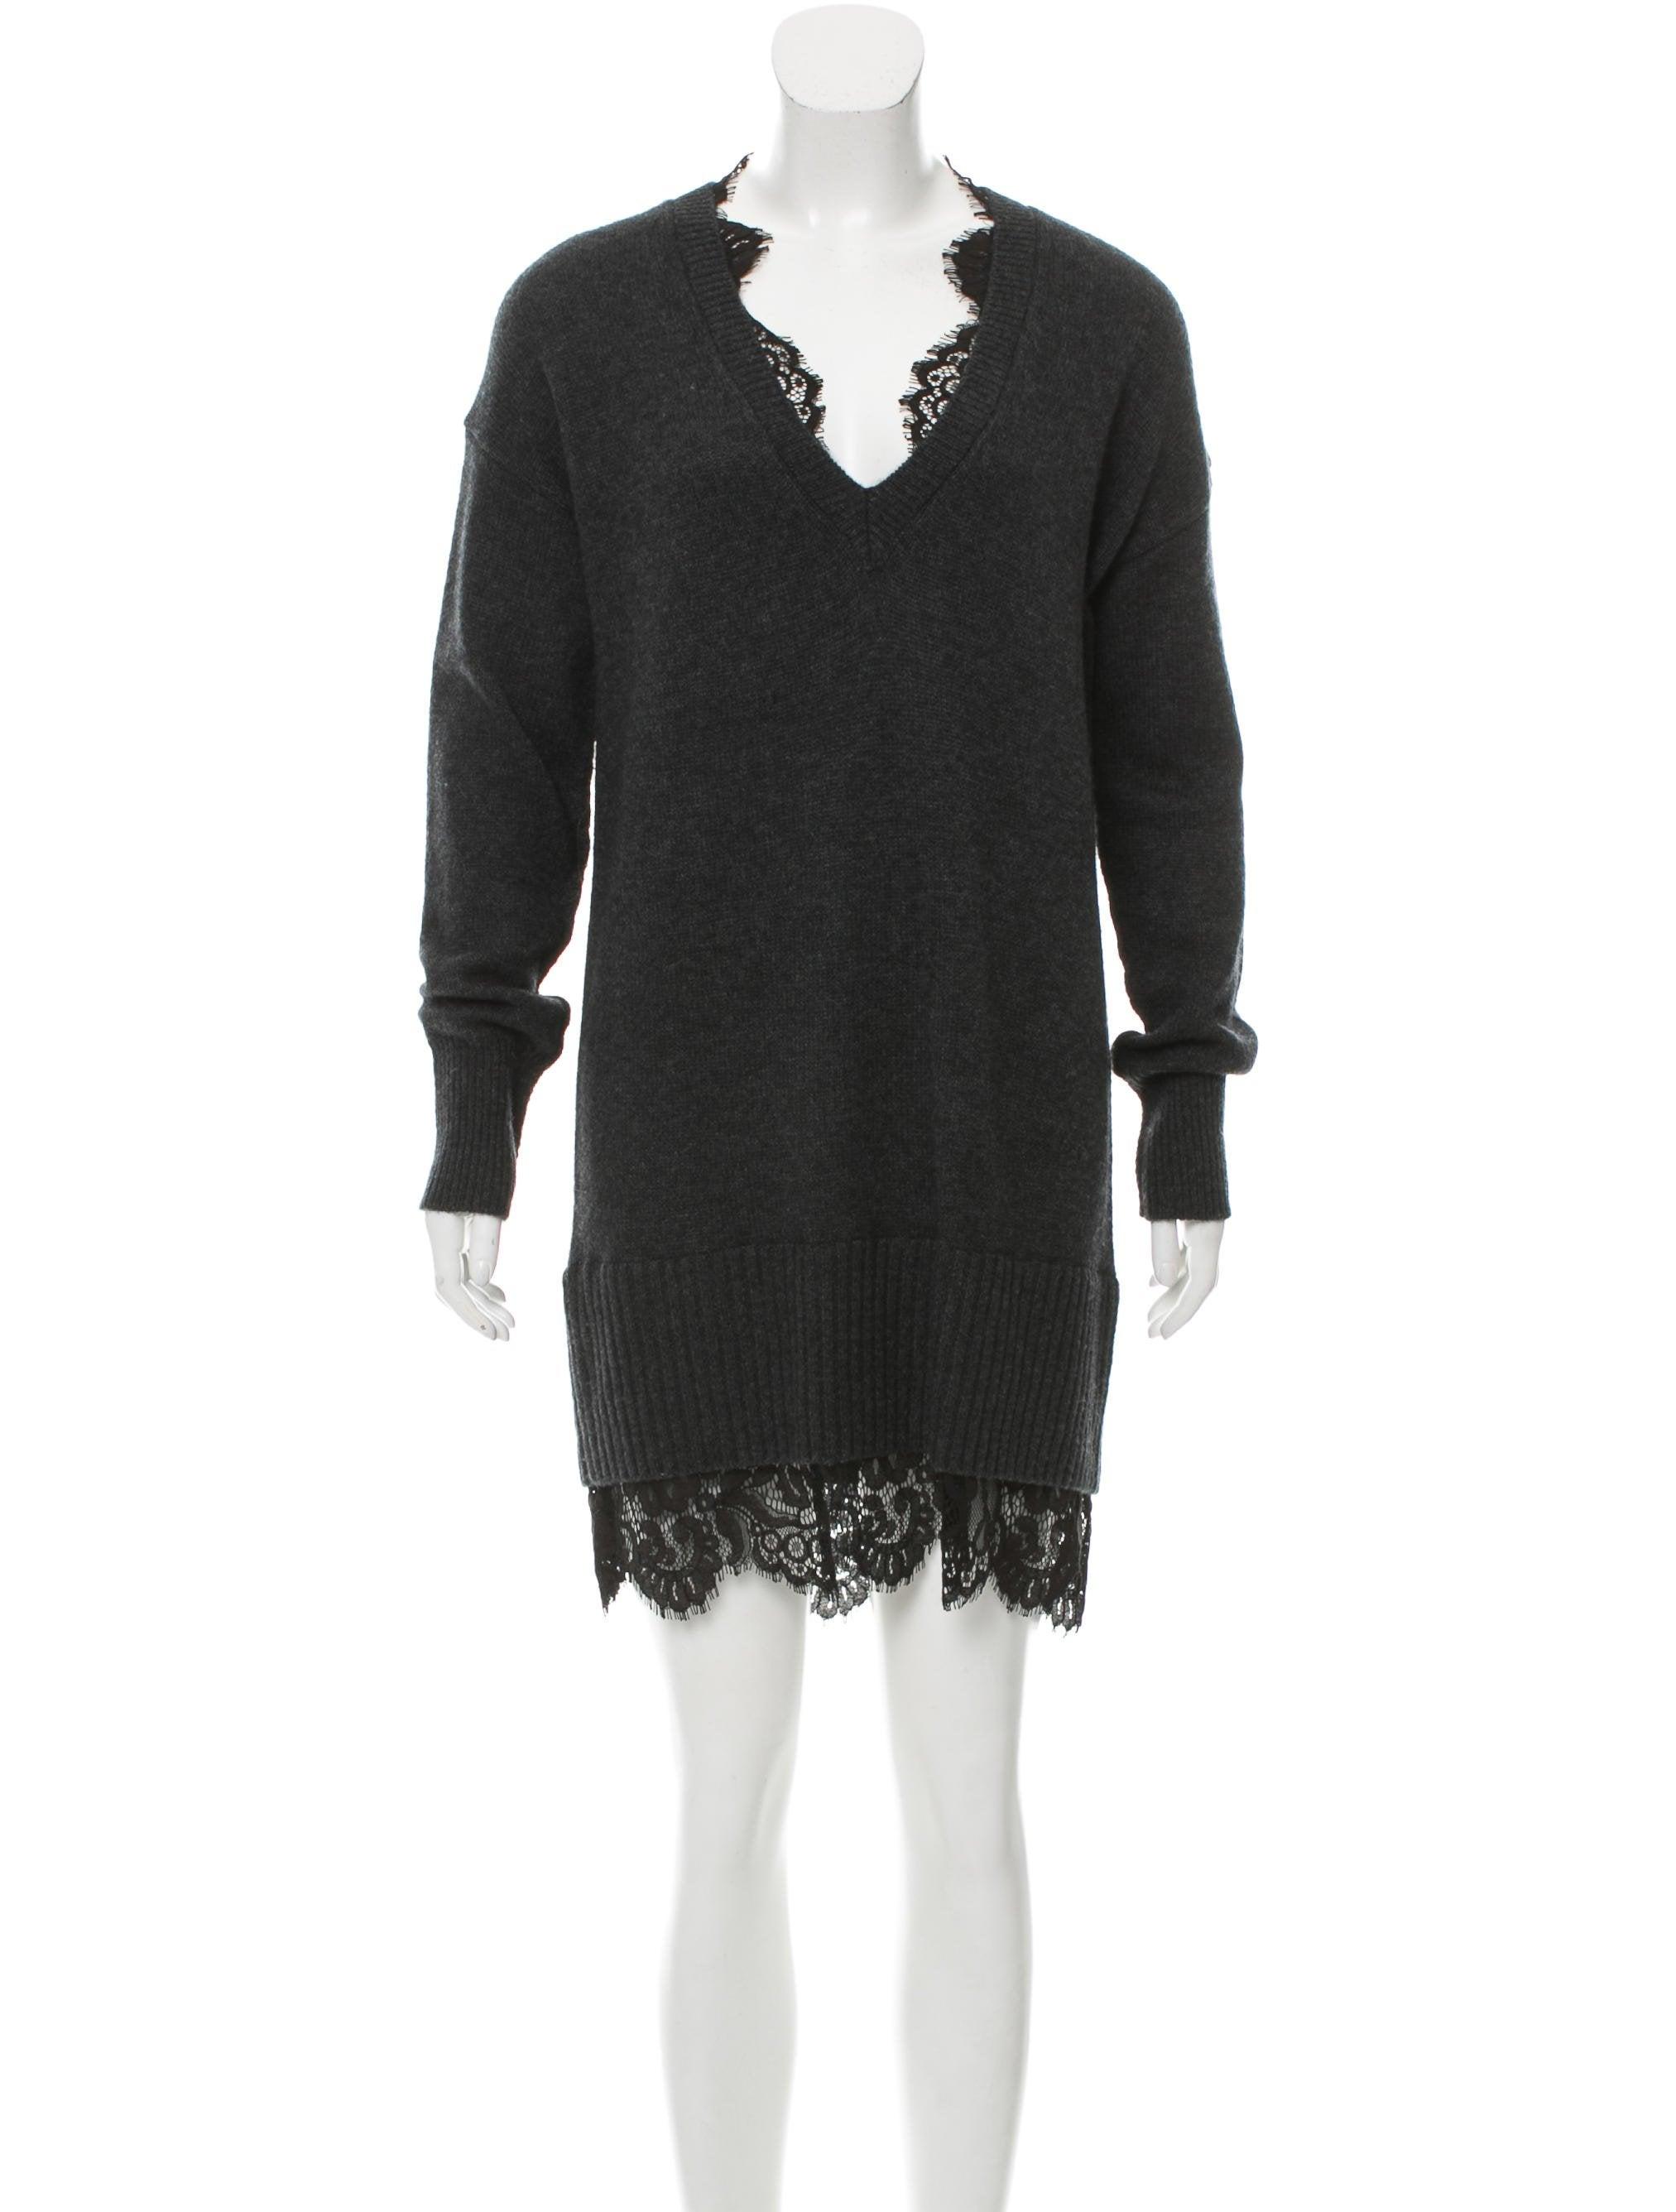 Brochu Walker Lace Looker Sweater Dress - Clothing - WBR20337  961276b9a